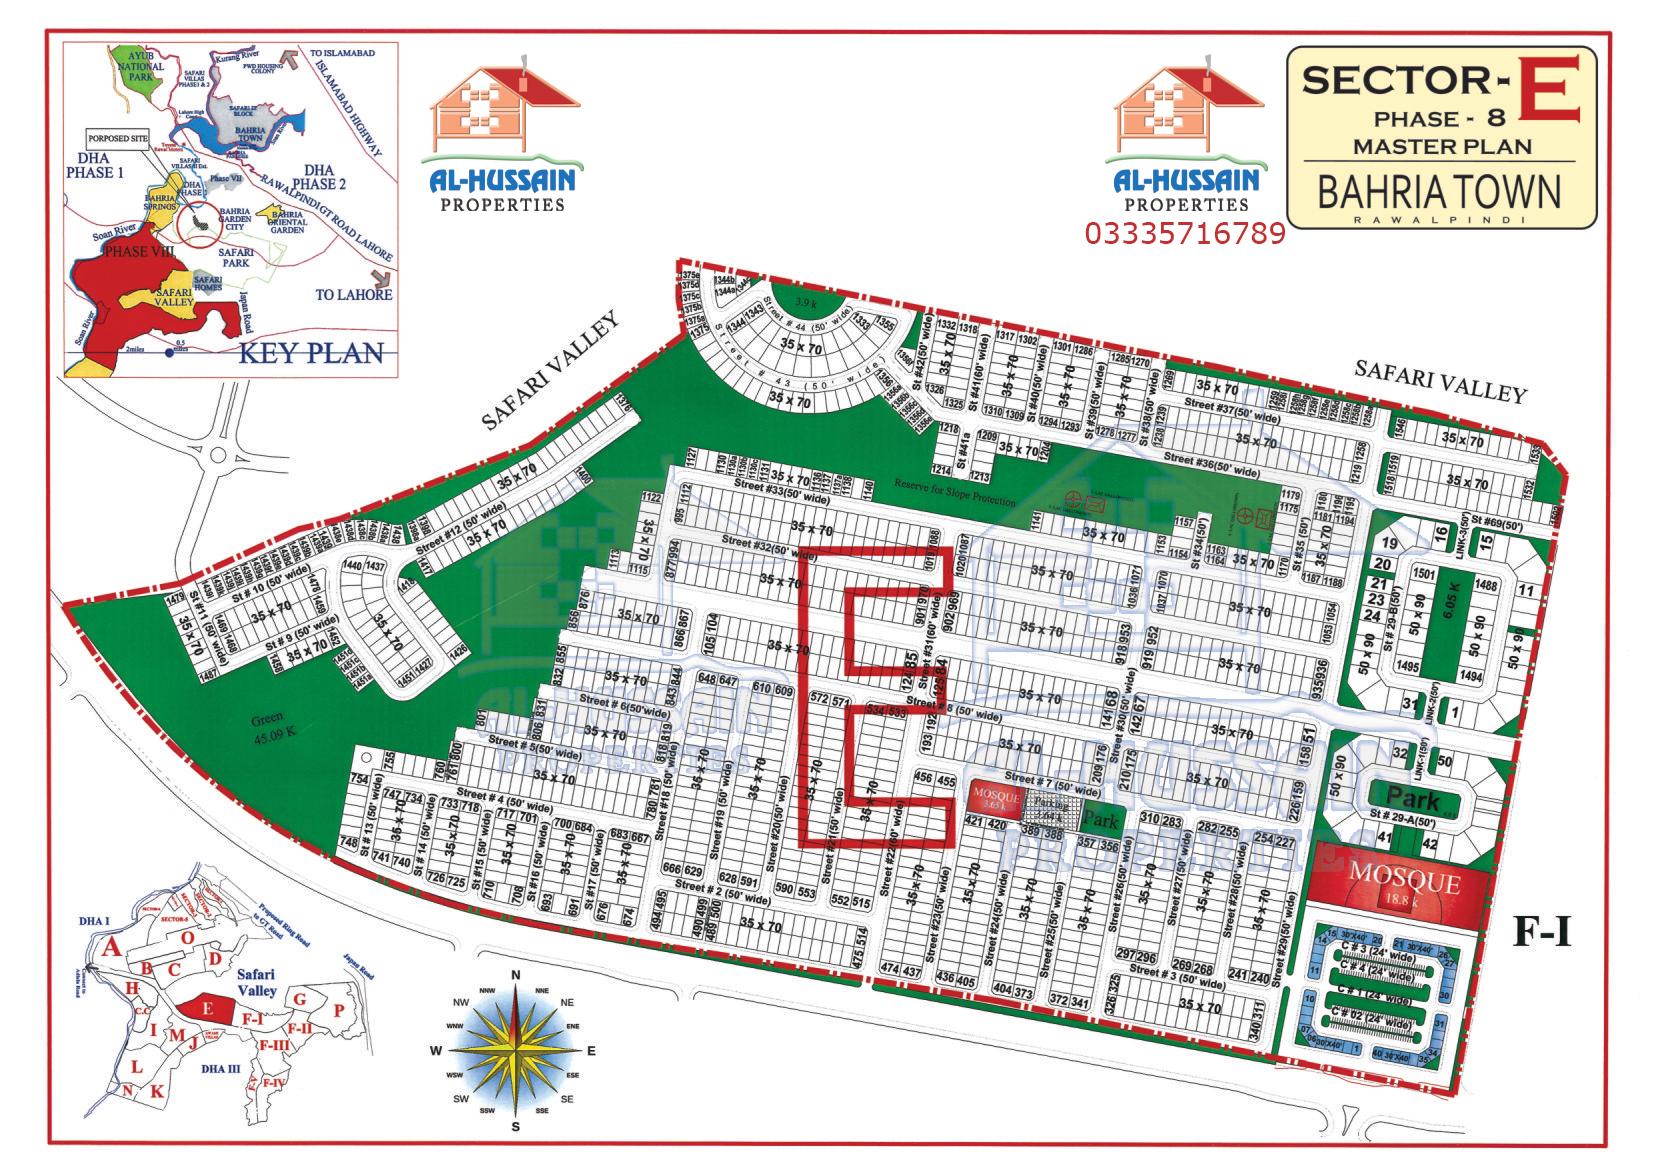 Sector E Phase 8 Bahria Town Rawalpindi